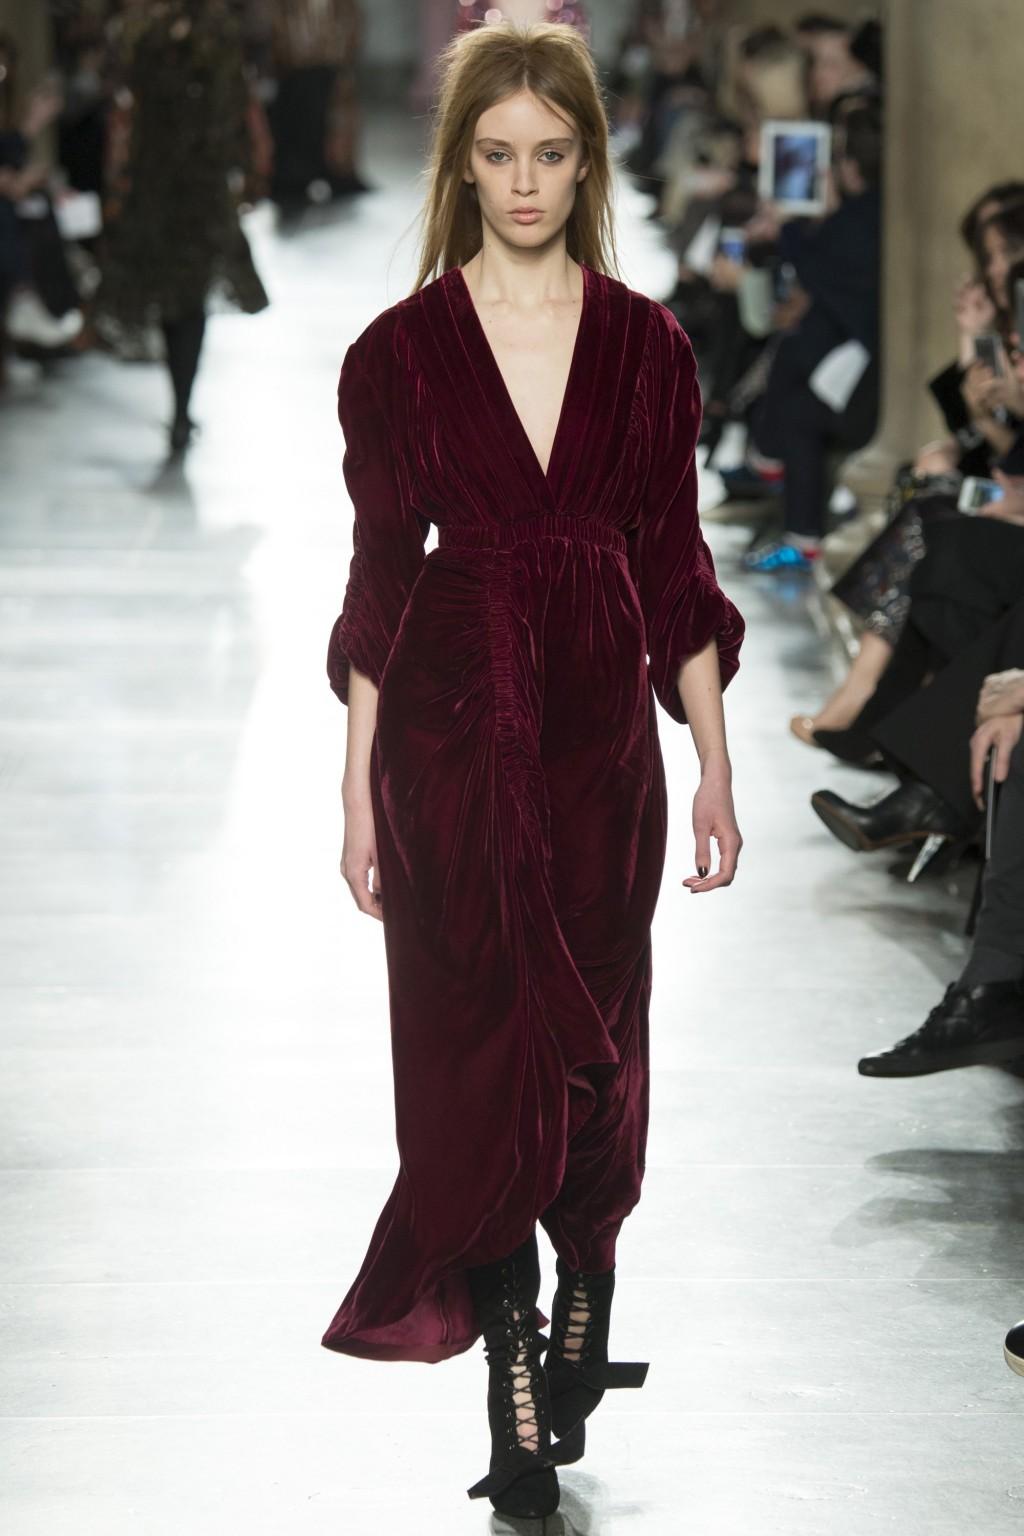 Mẫu váy nhung màu đỏ bordeaux từ Preen